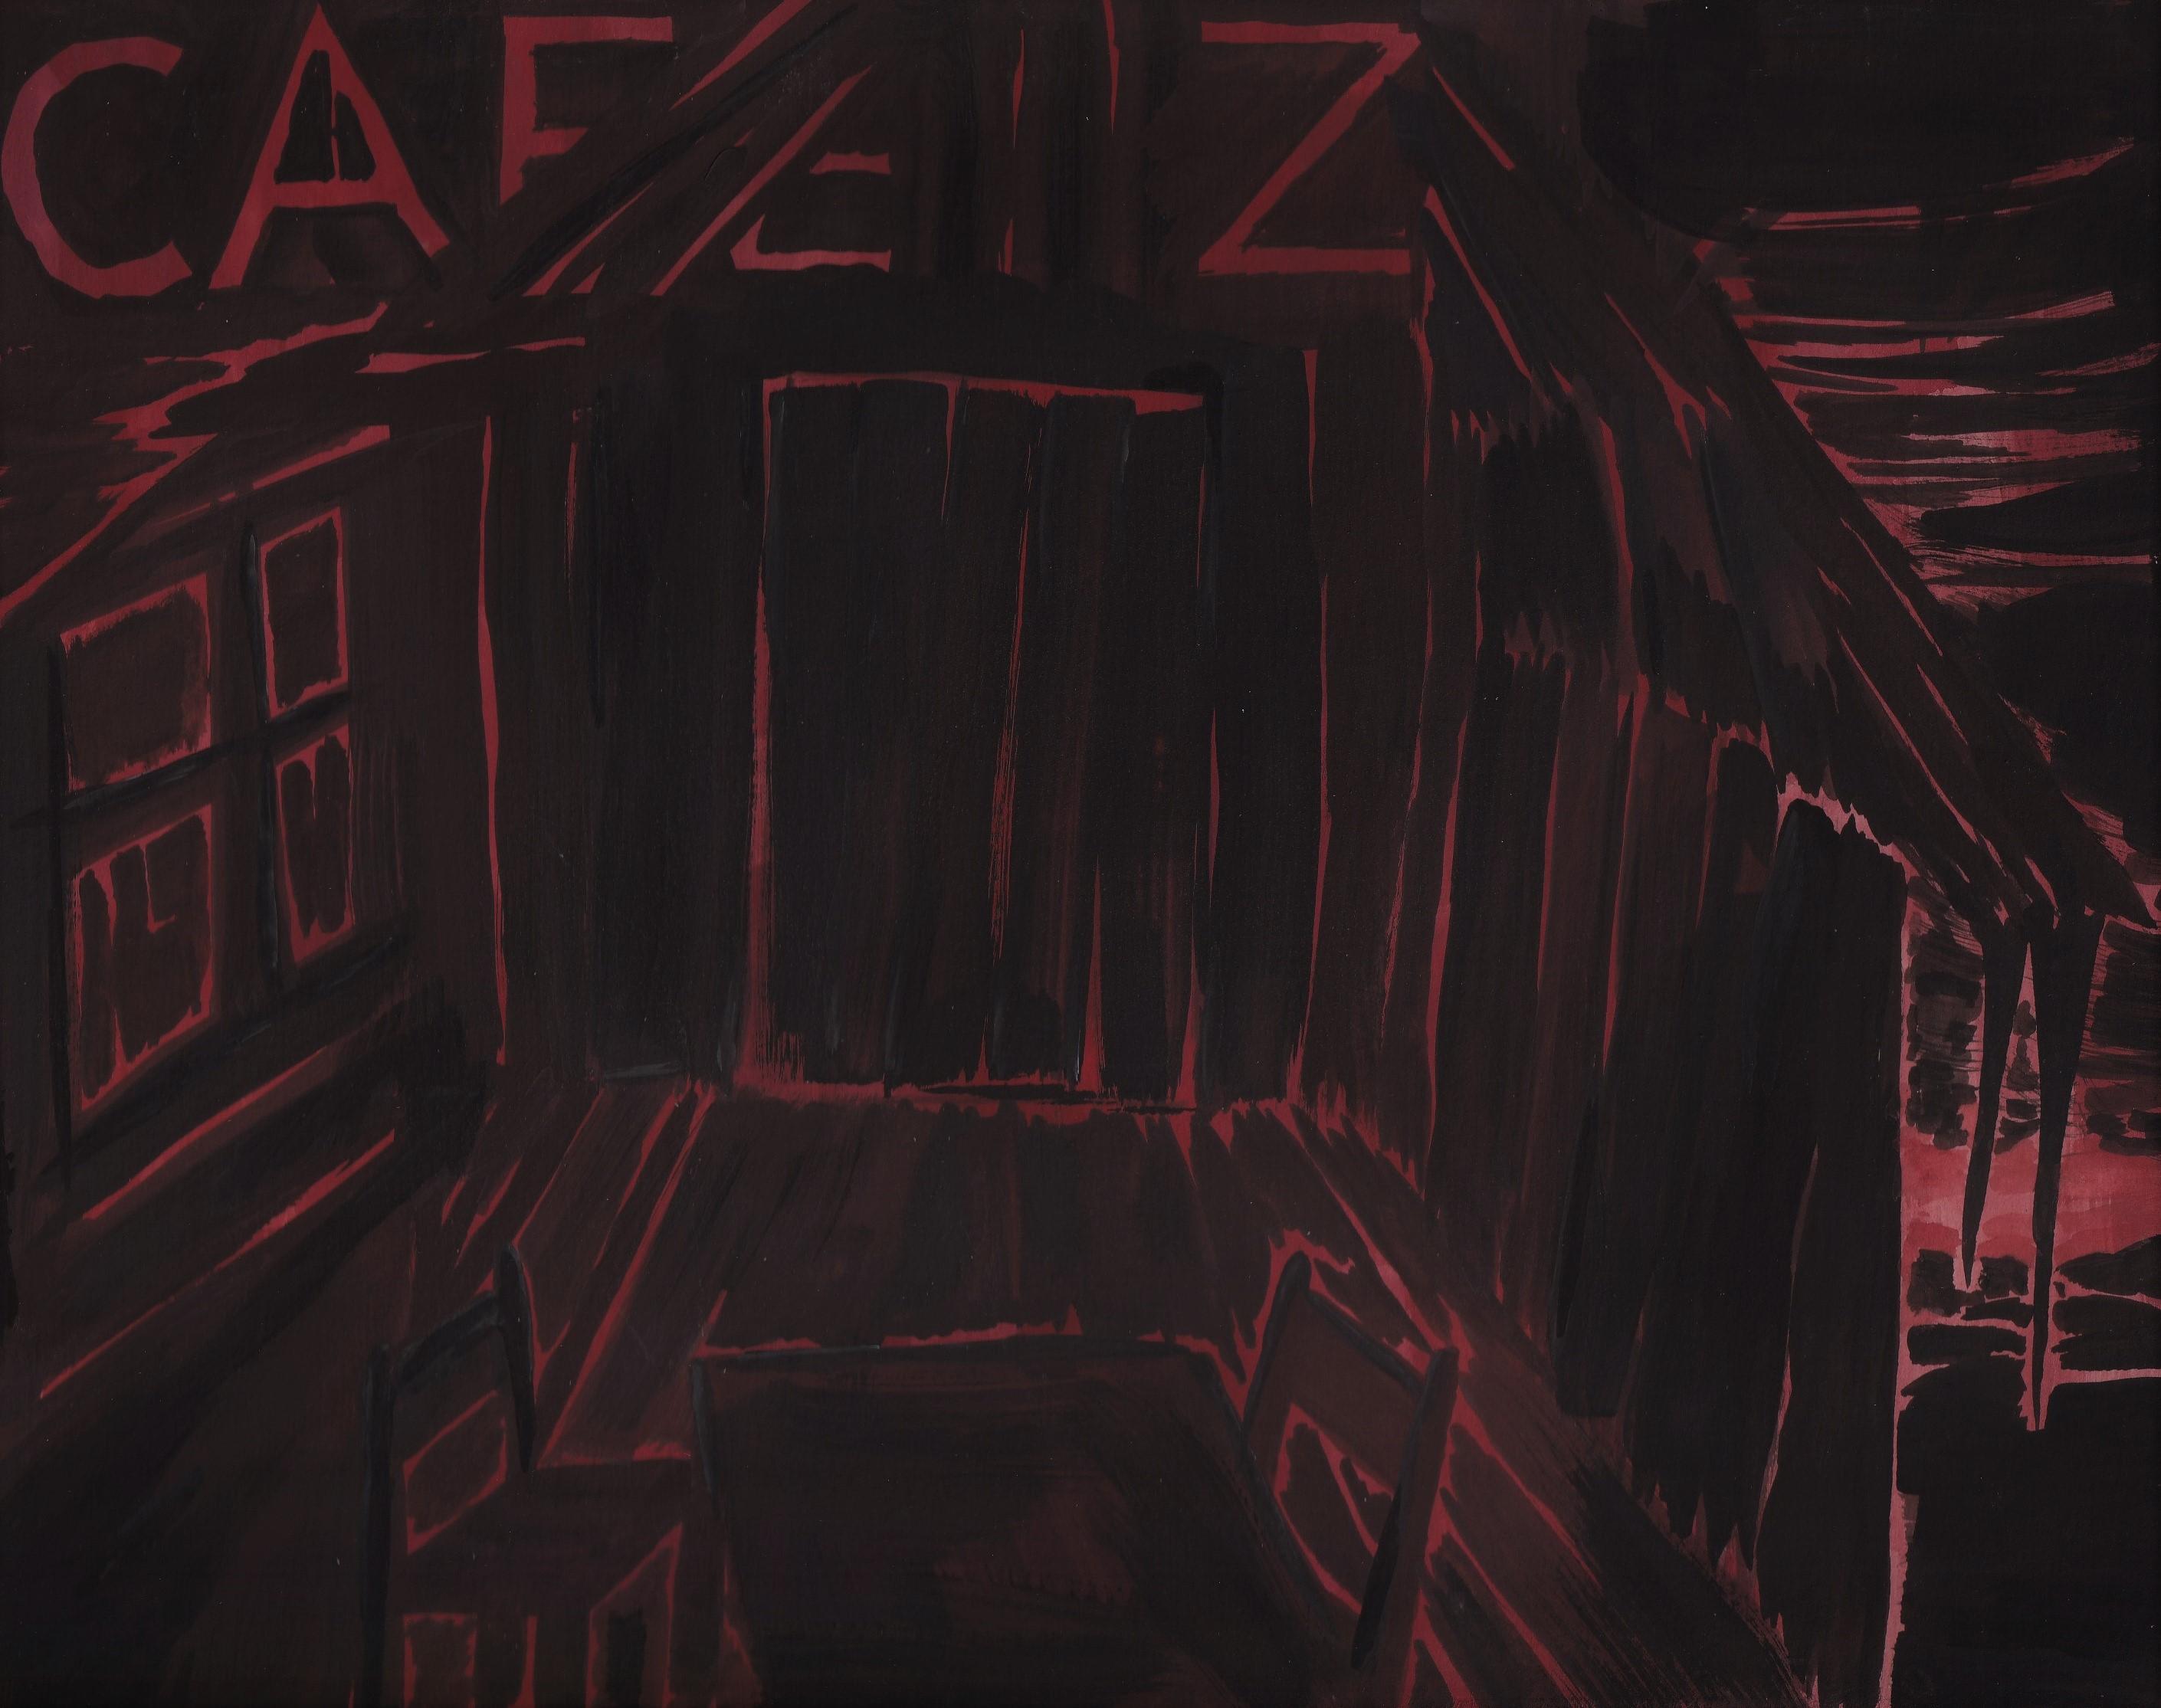 Cafe Zuzanna 2